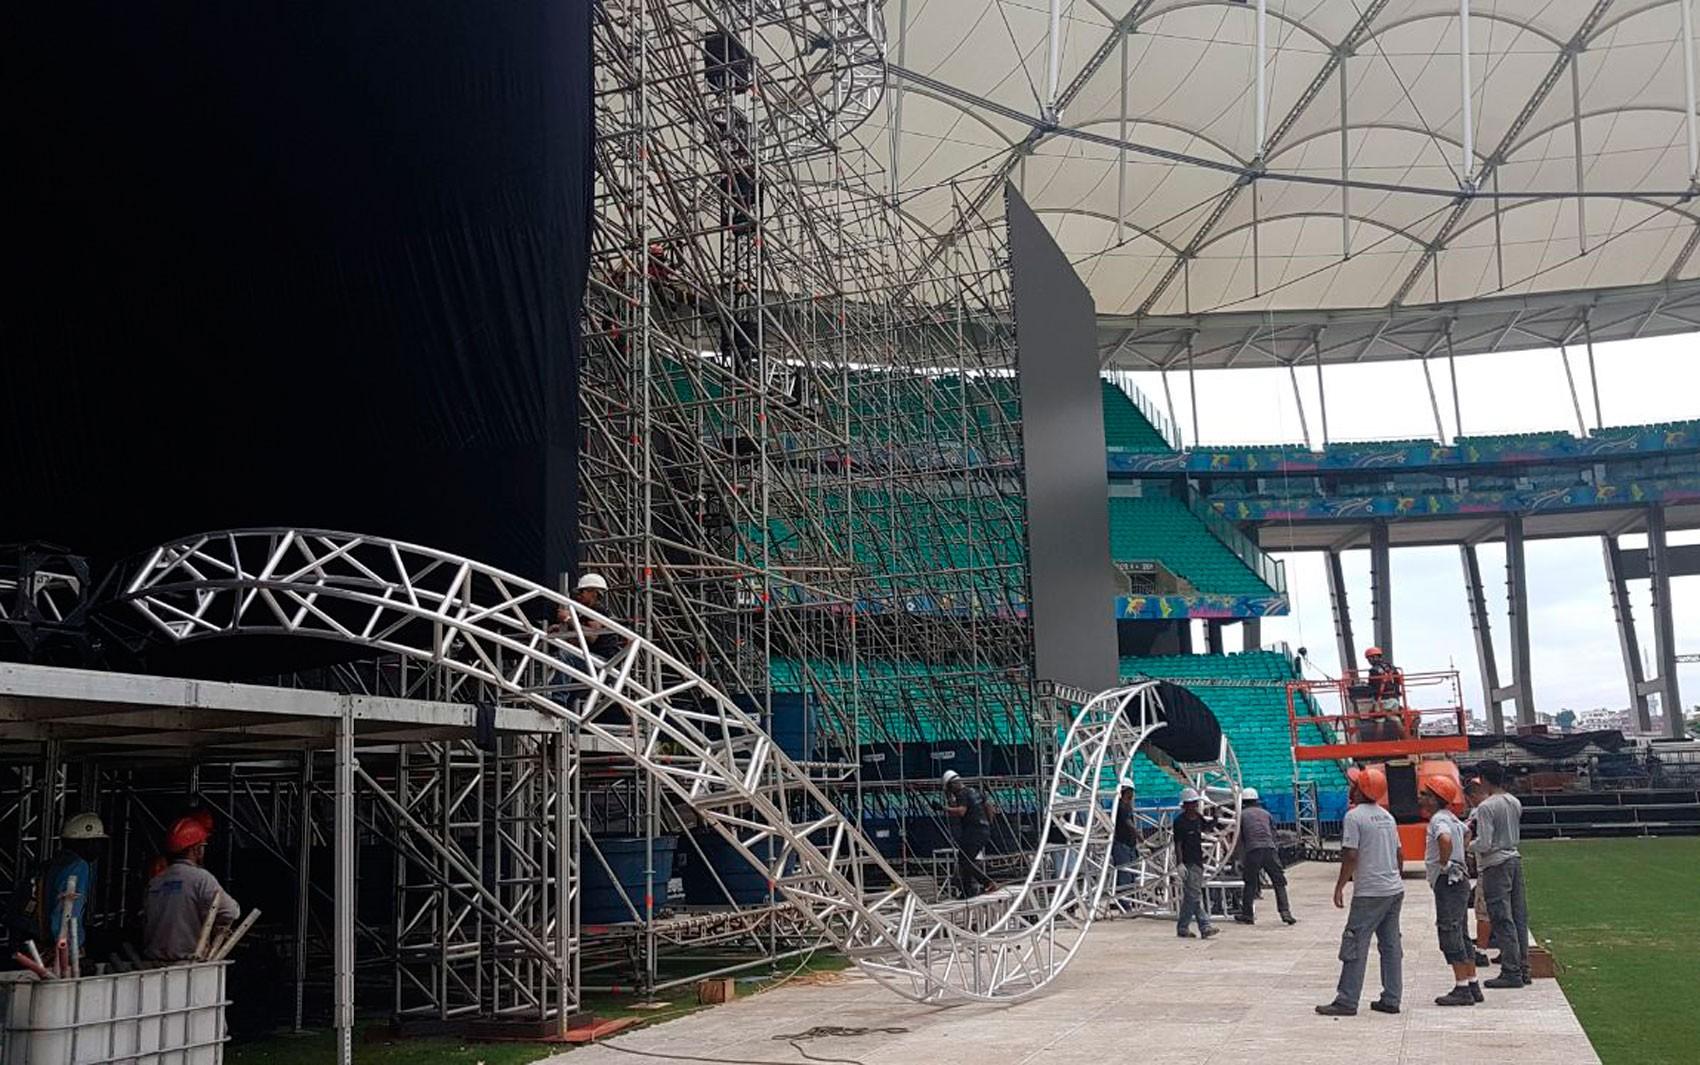 Festival de Verão 2017 terá palco com quase 1000 m² de LEDs; confira tudo sobre a festa